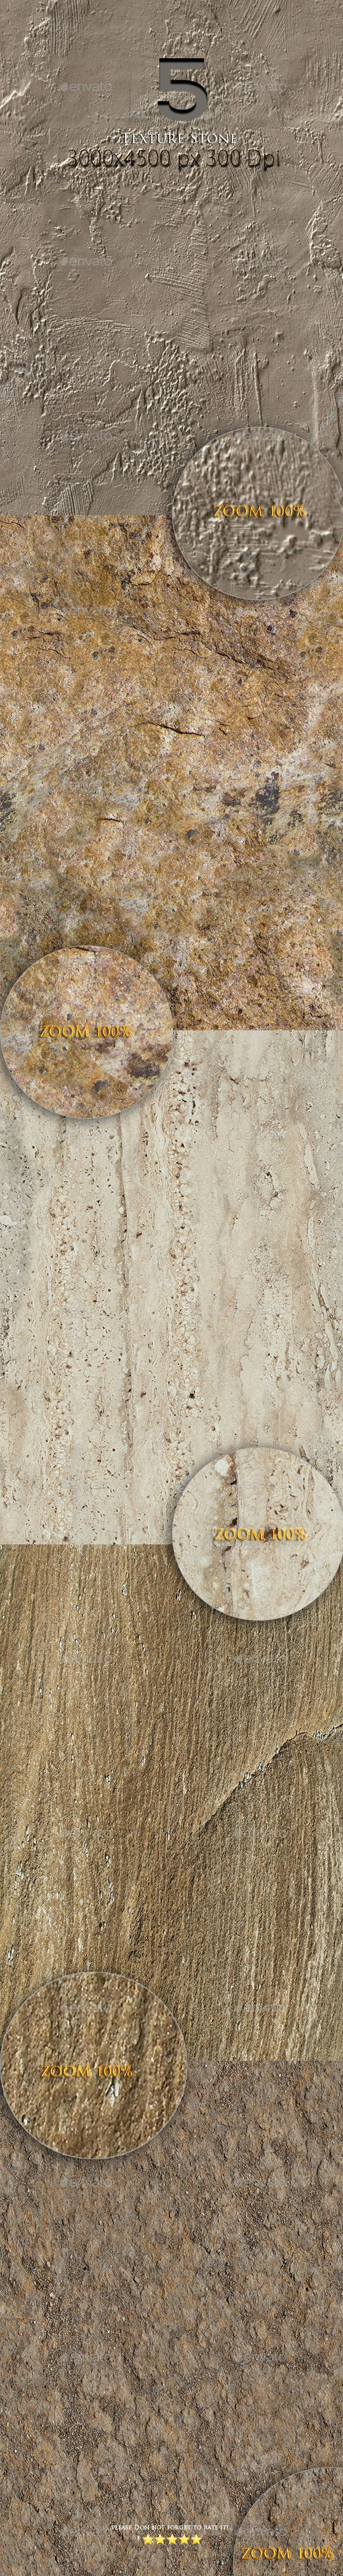 5 Texture Stone